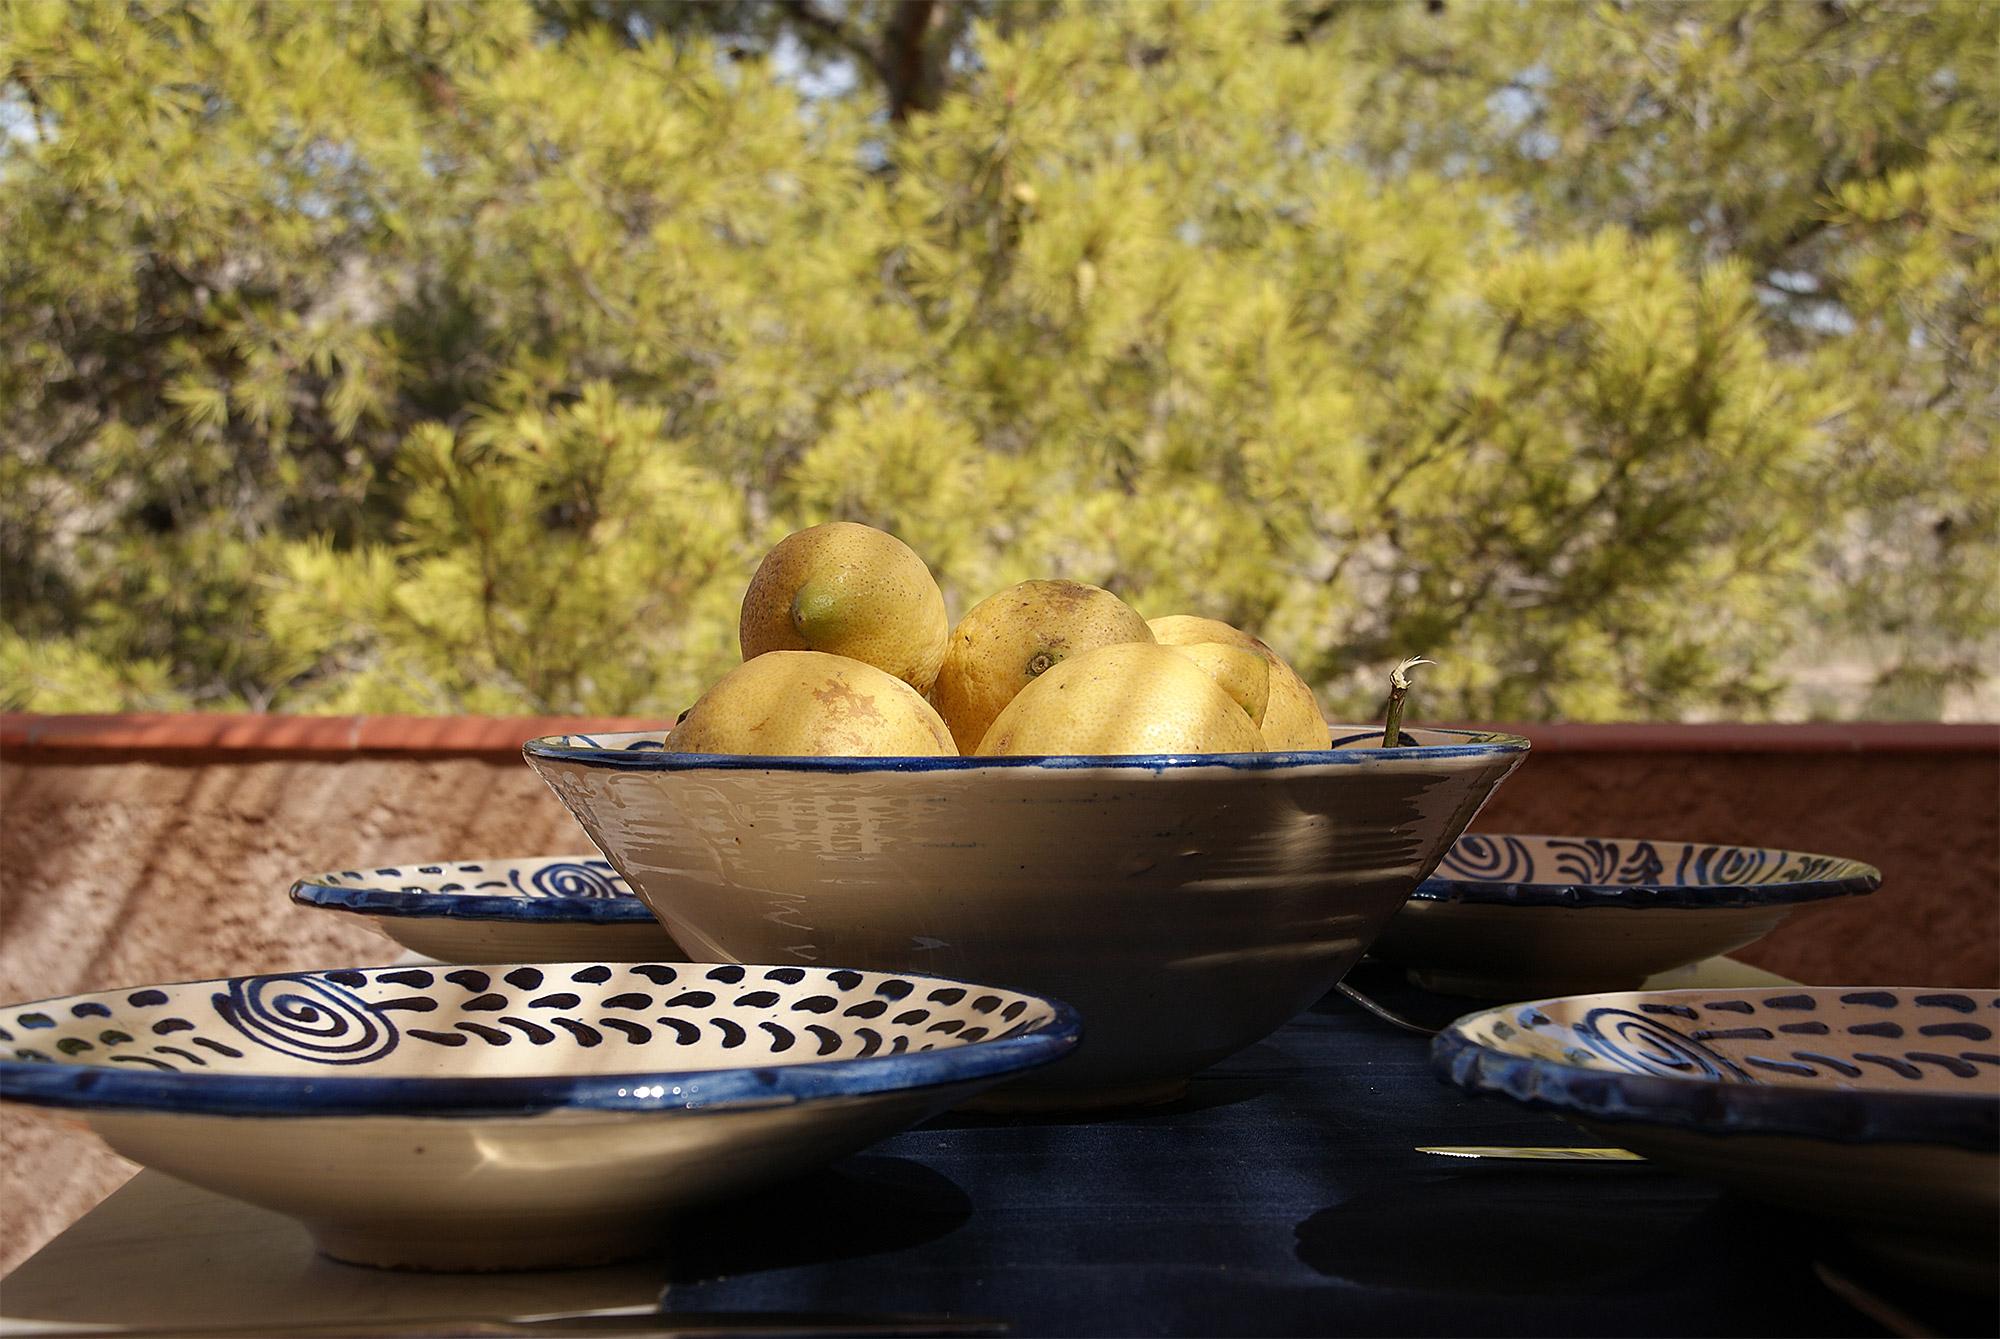 Speisen auf der Terrasse des Öko-Ferienhauses Finca de Foyeta